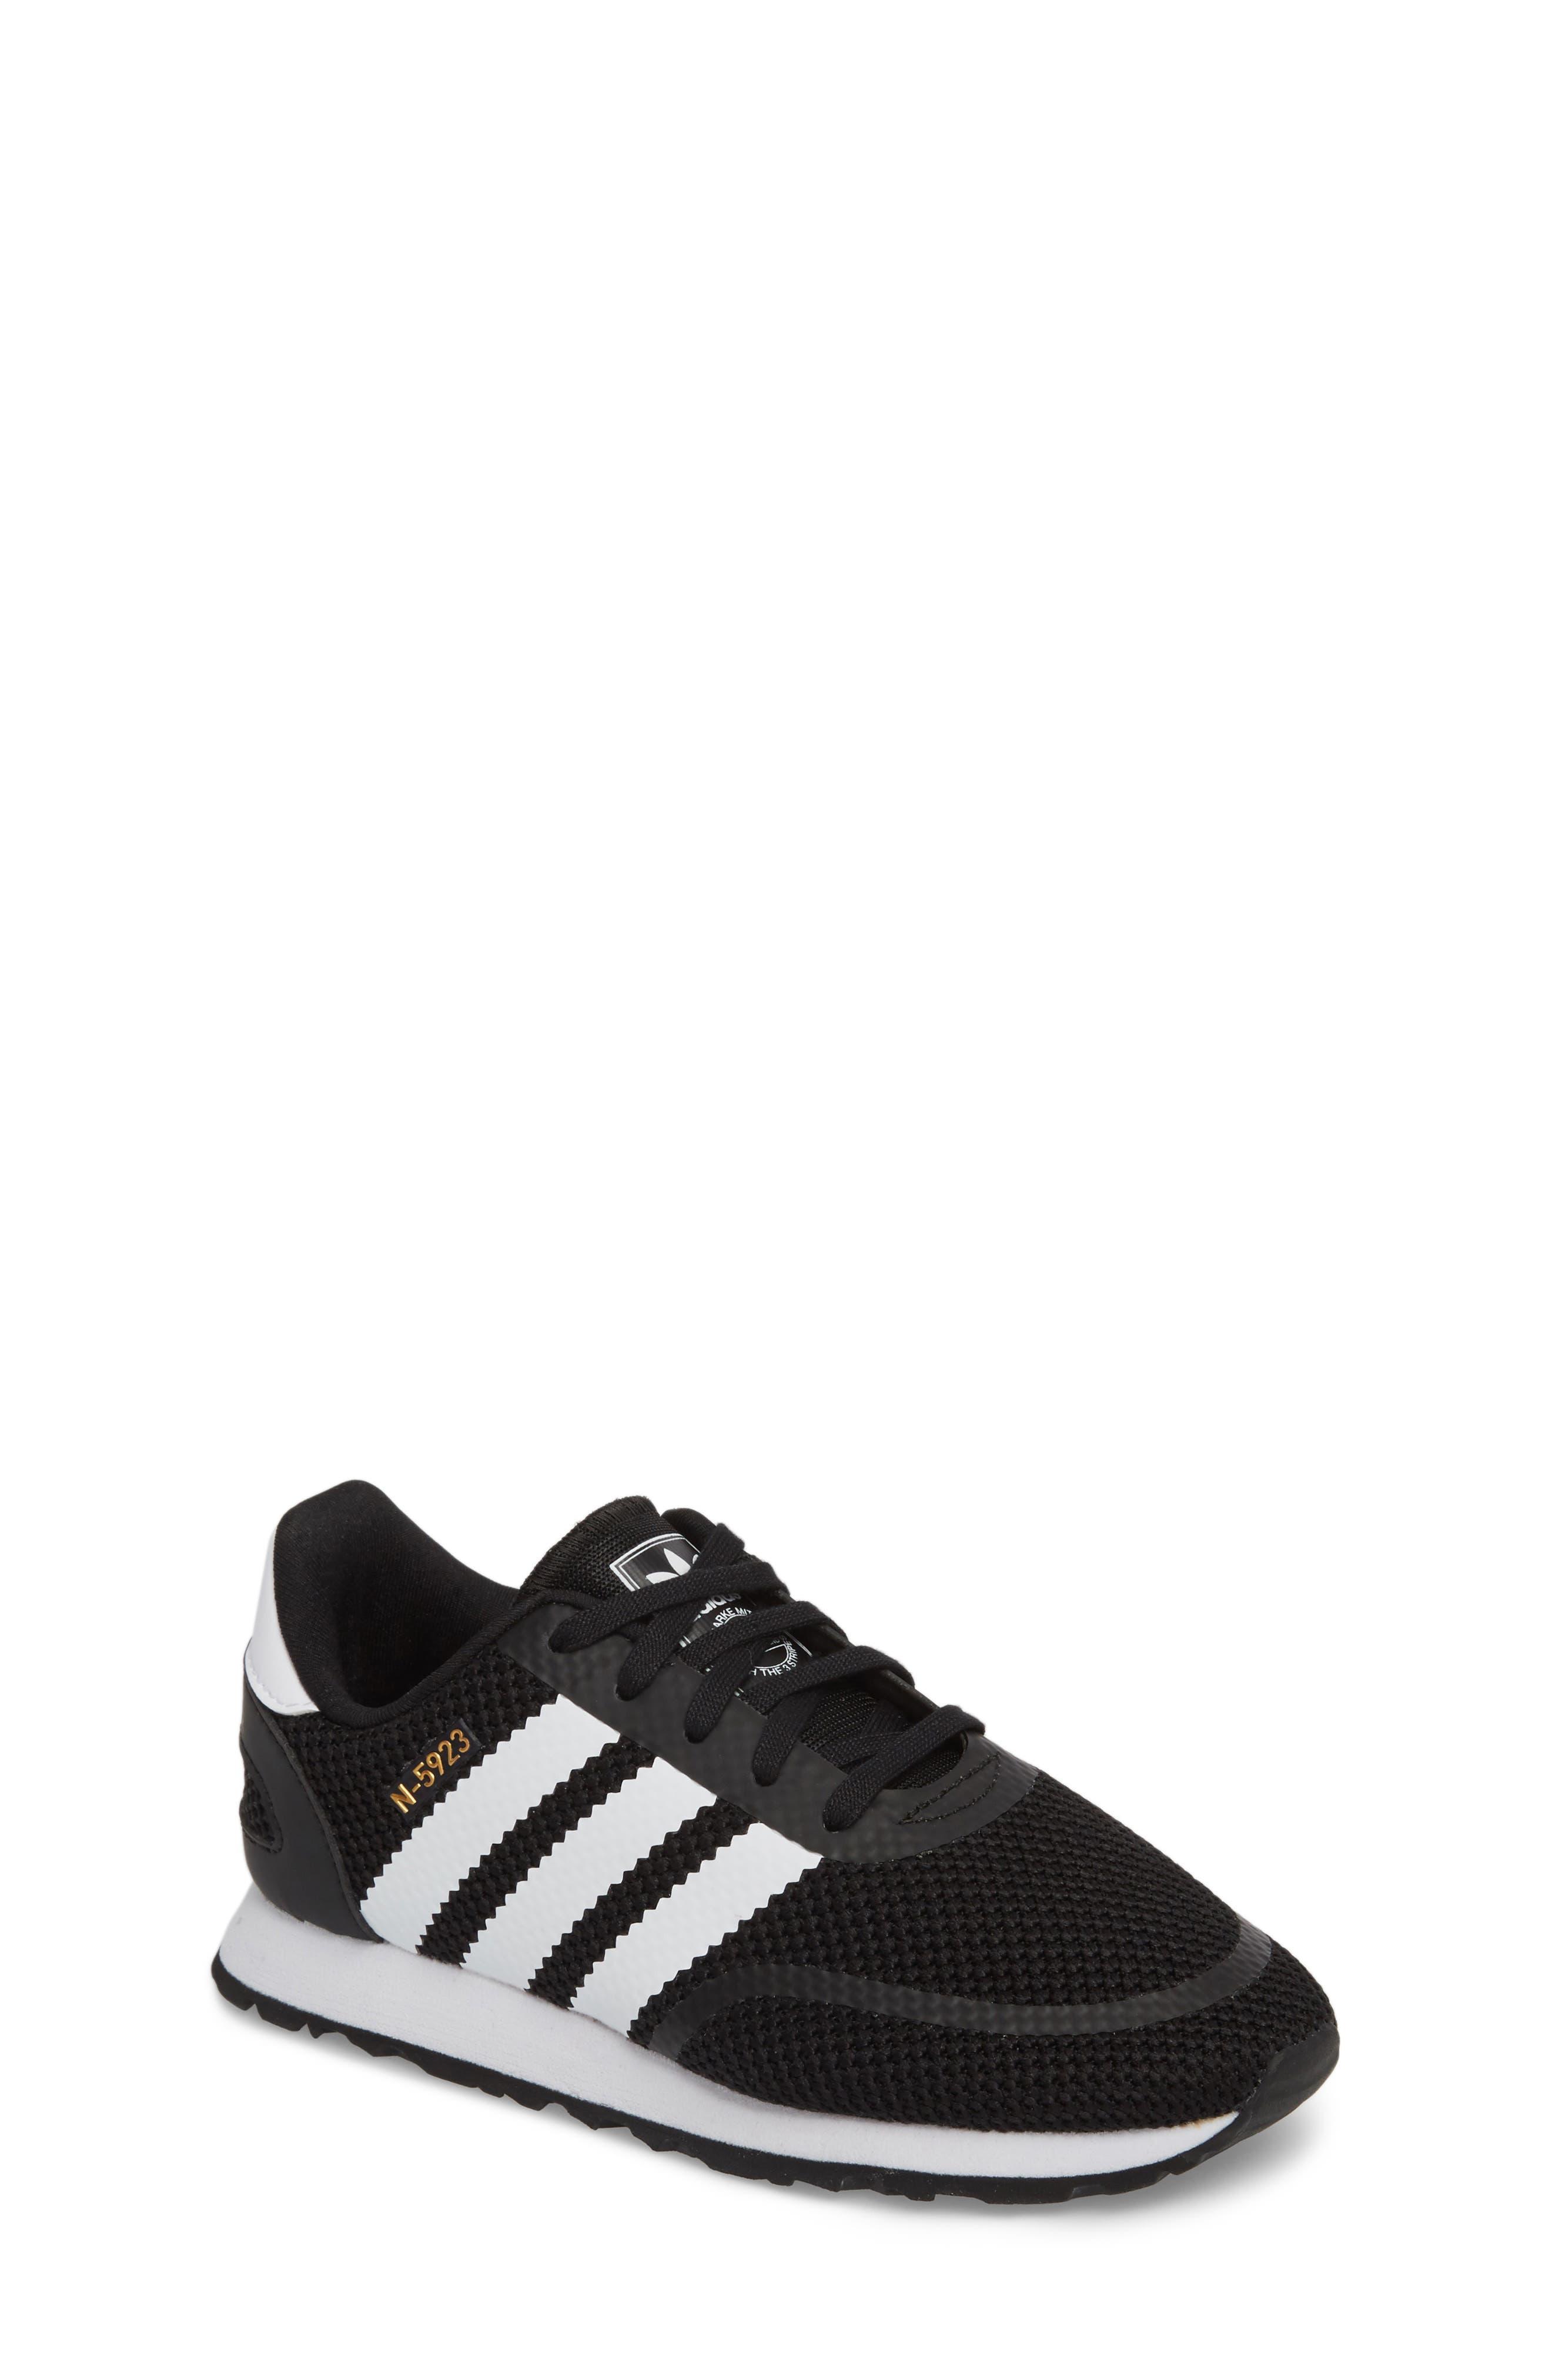 adidas N-5923 Sneaker (Baby, Walker, Toddler, Little Kid \u0026 Big